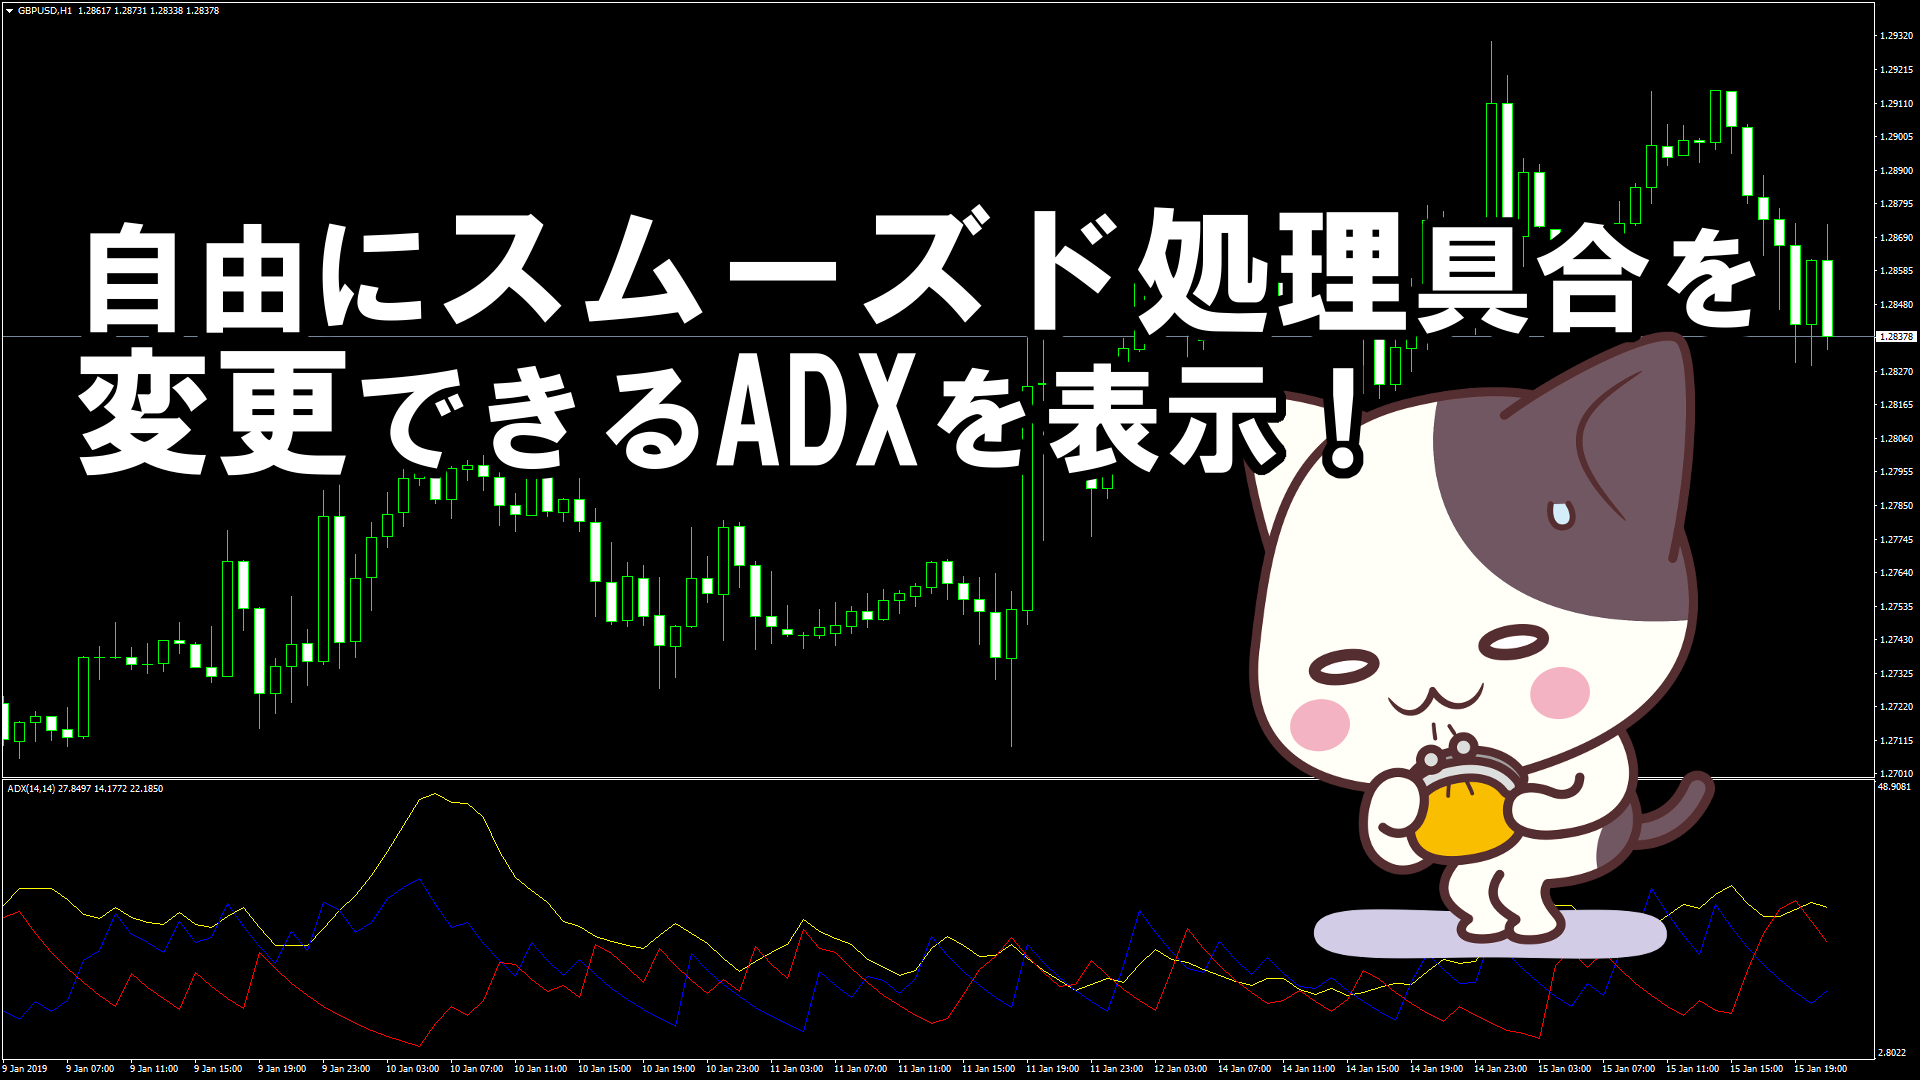 自分でスムーズド処理具合を変更できるADXを表示するMT4インジケーター『ADXmod』